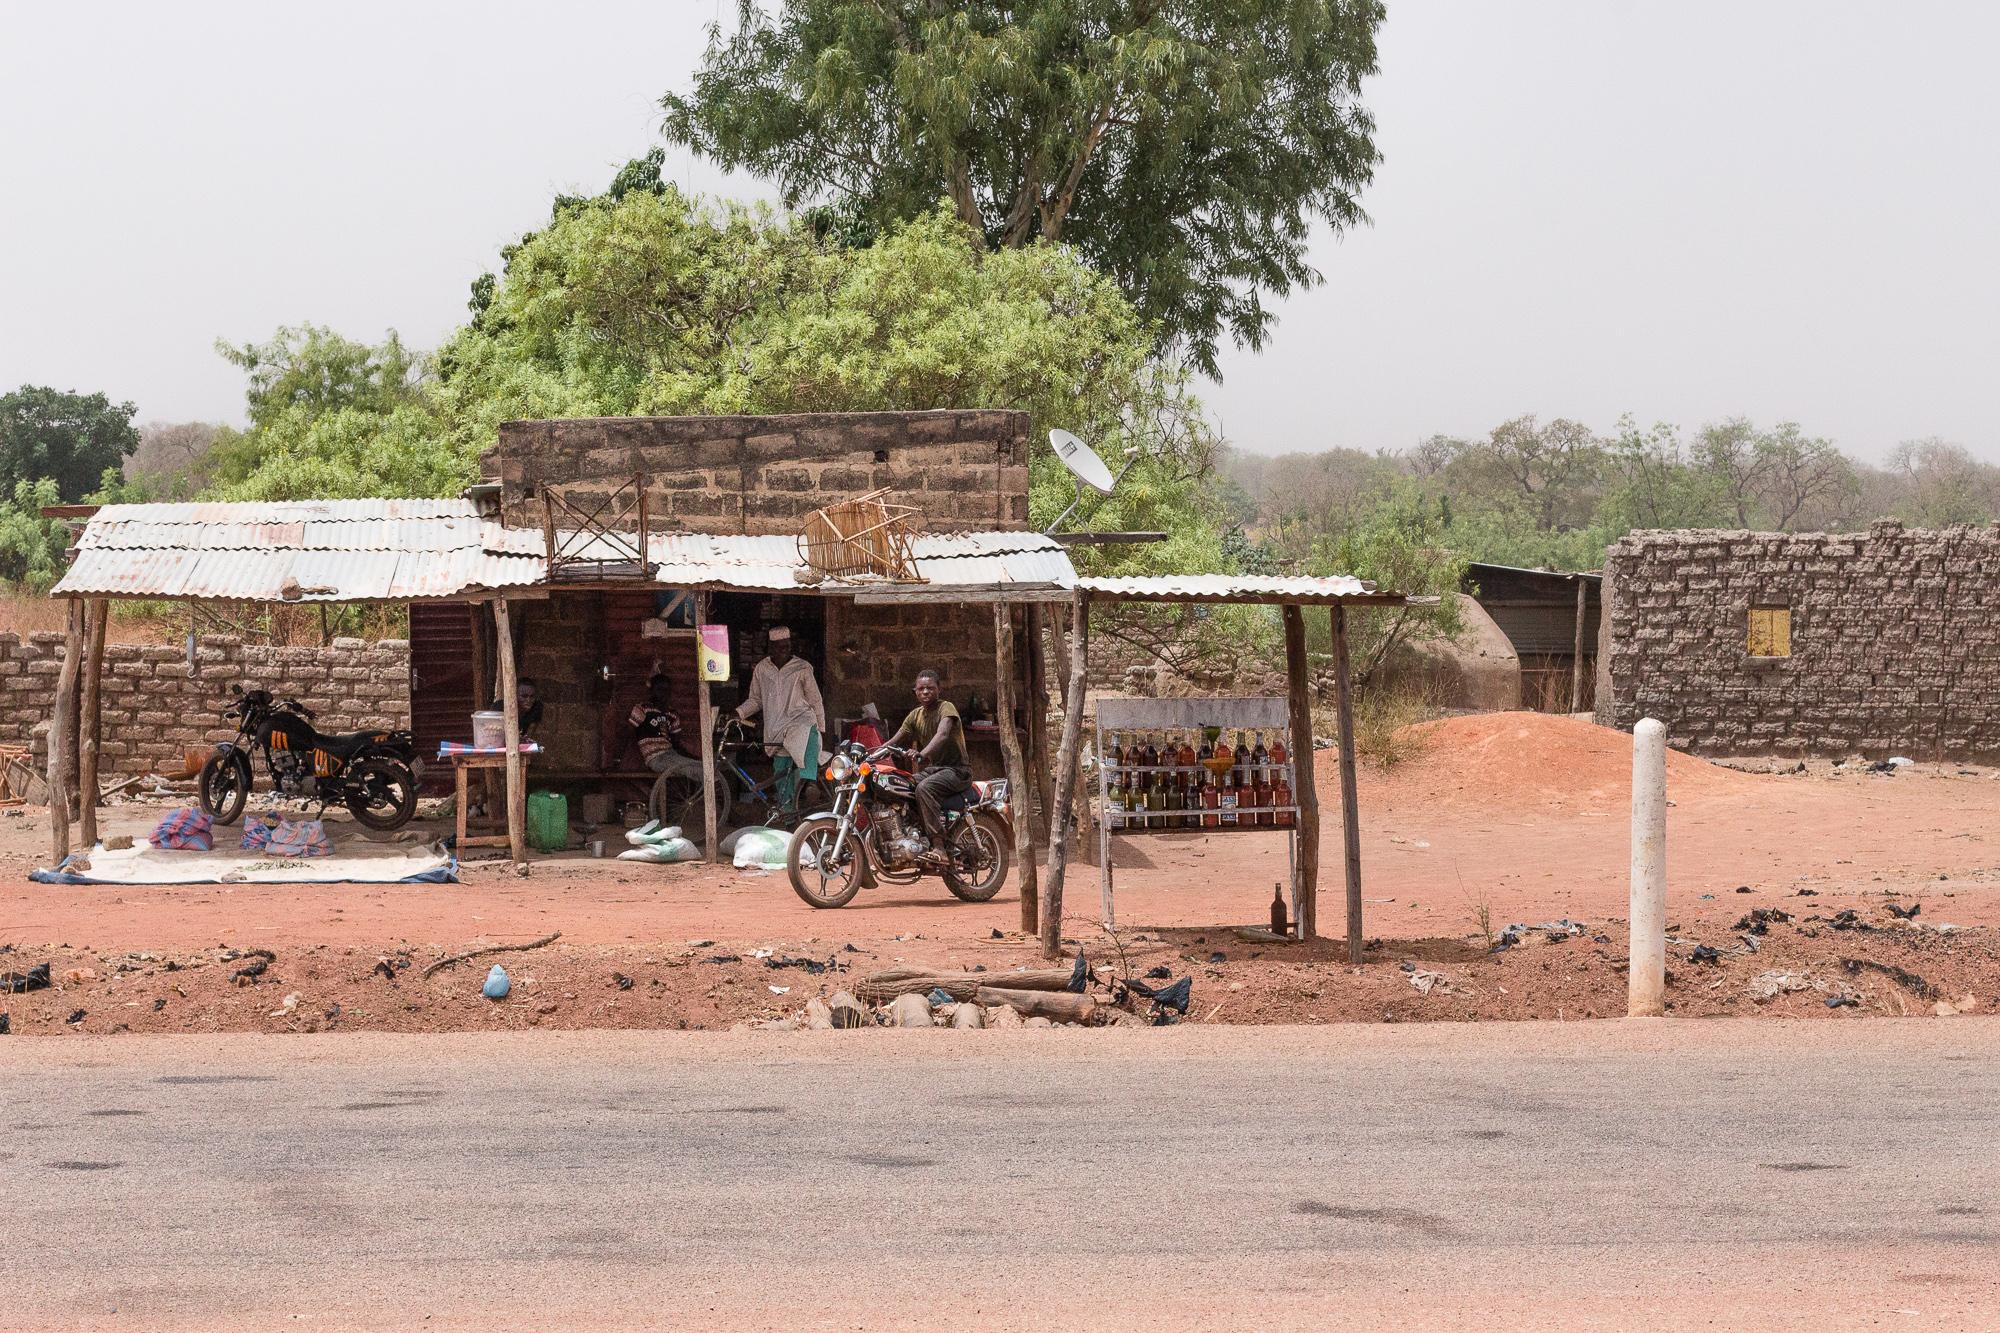 Magasin sur la bord de la route, Burkina Faso